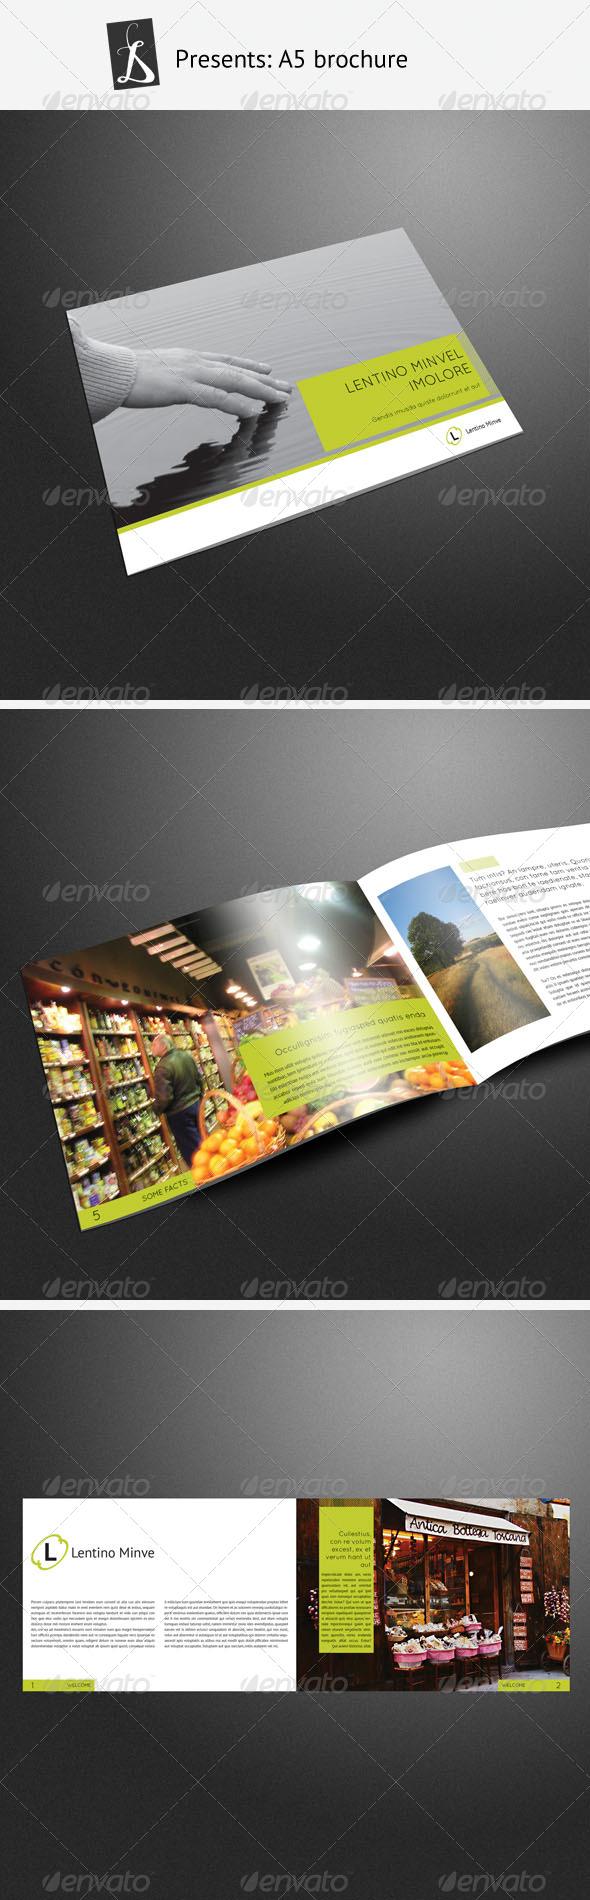 GraphicRiver A5 brochure 244185